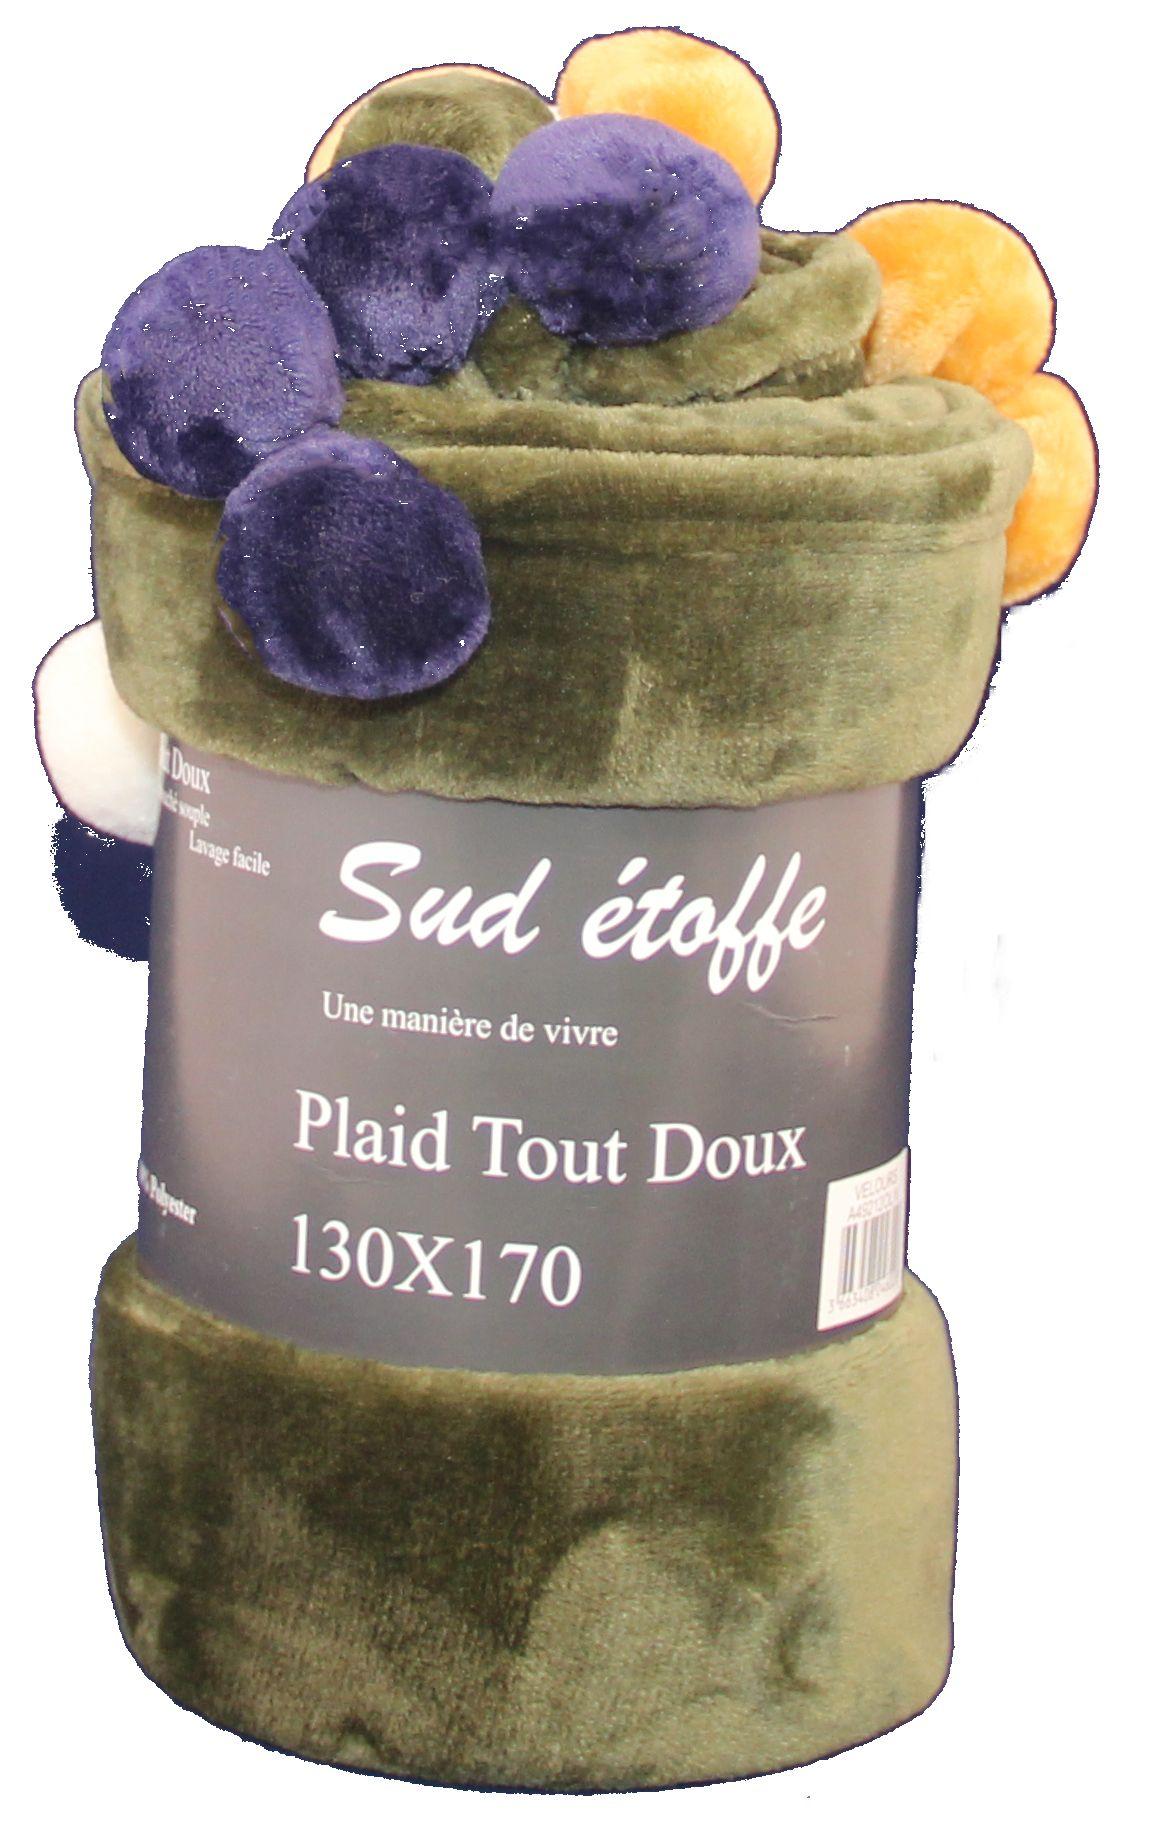 Plaid Sud Etoffe Collection Velours Tout Doux 130x170 Linge De Maison Fabricant Et Grossiste Linge De Maison Linge Et Plaid Tout Doux